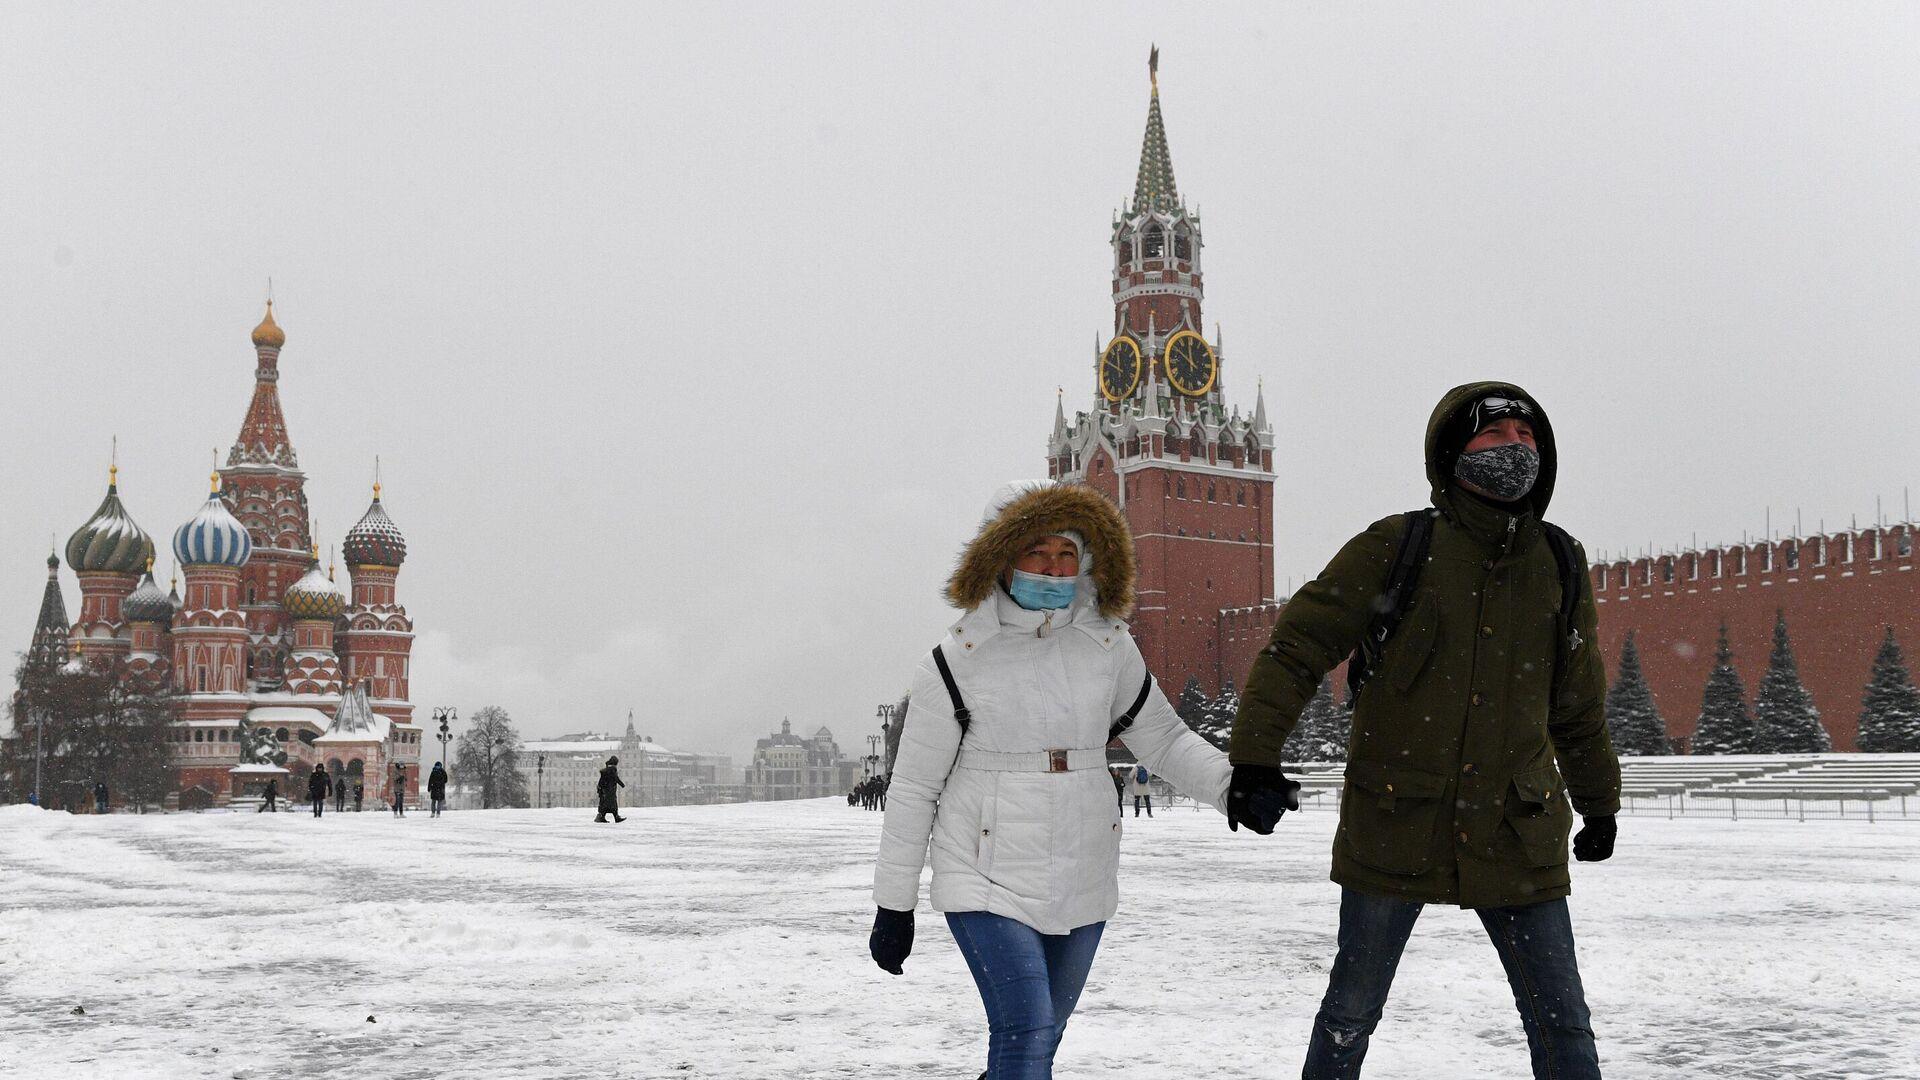 Прохожие на заснеженной Красной площади в Москве - РИА Новости, 1920, 17.01.2021